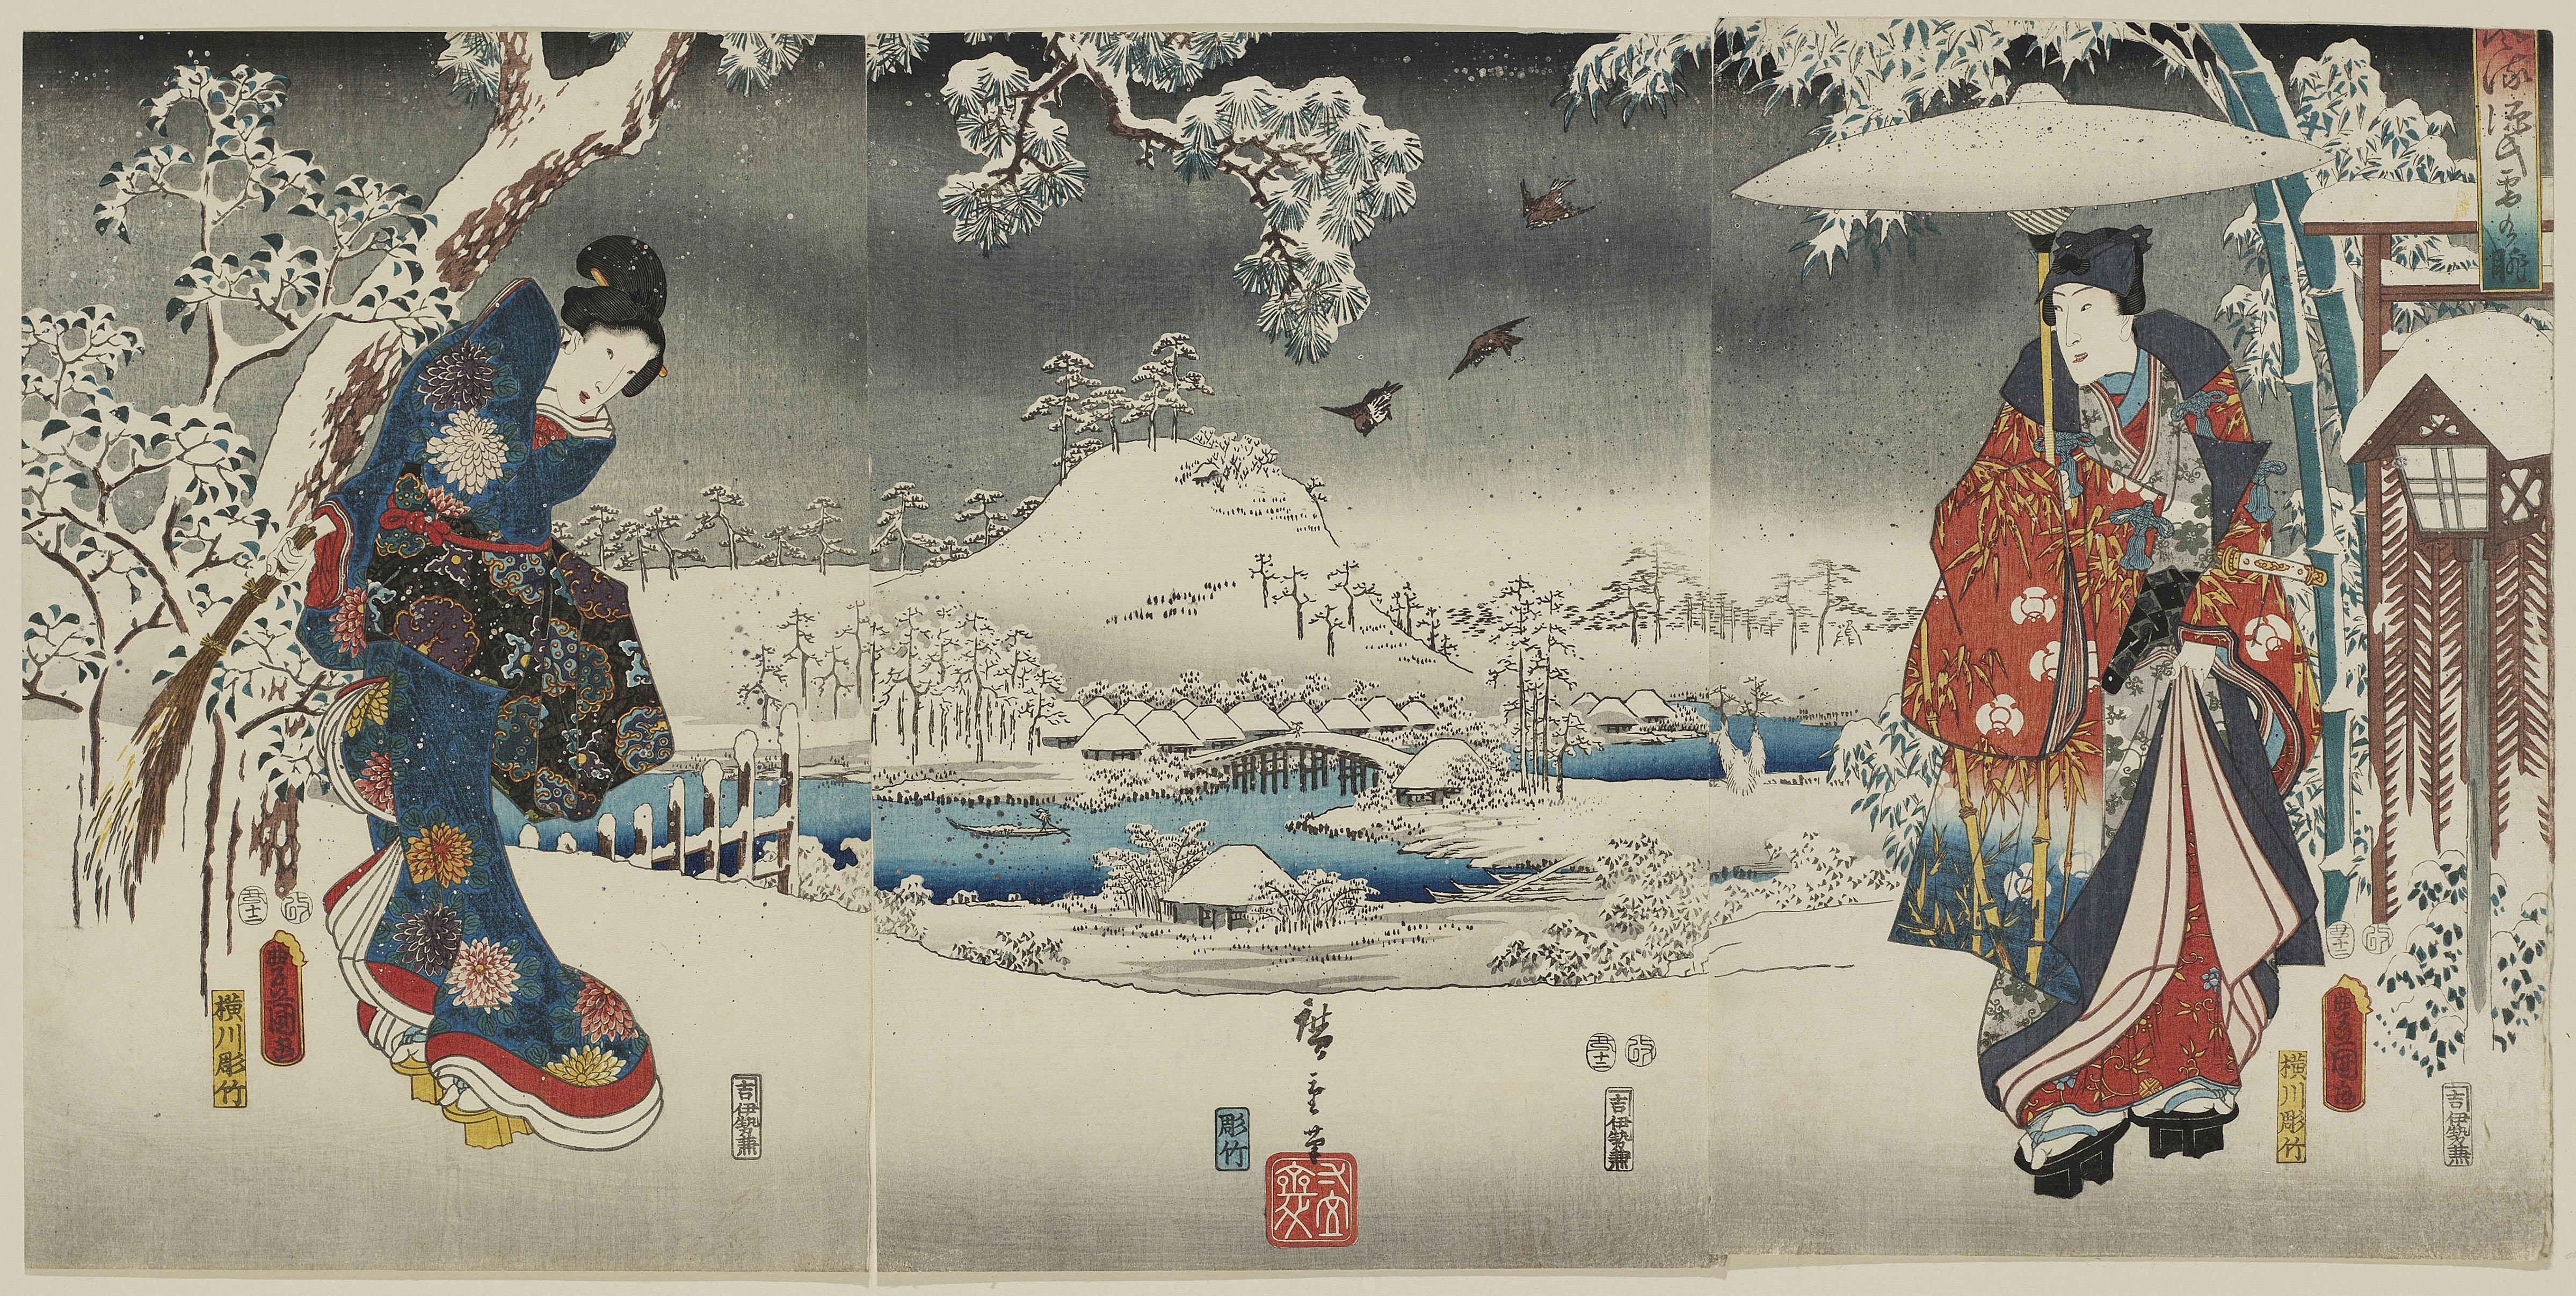 13. Hiroshige